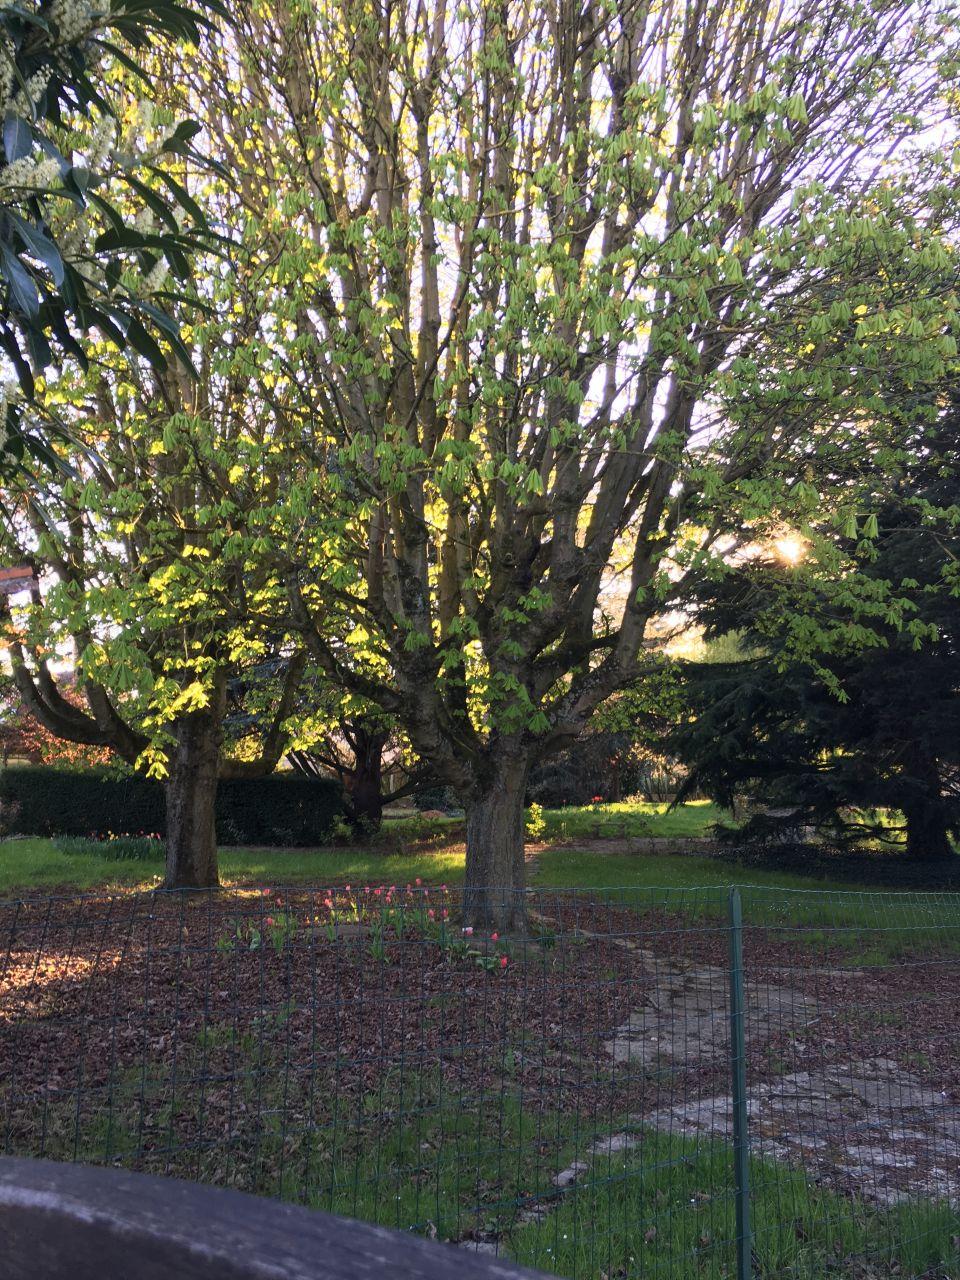 Vue du parc de l'ancienne maison avant création du lotissement